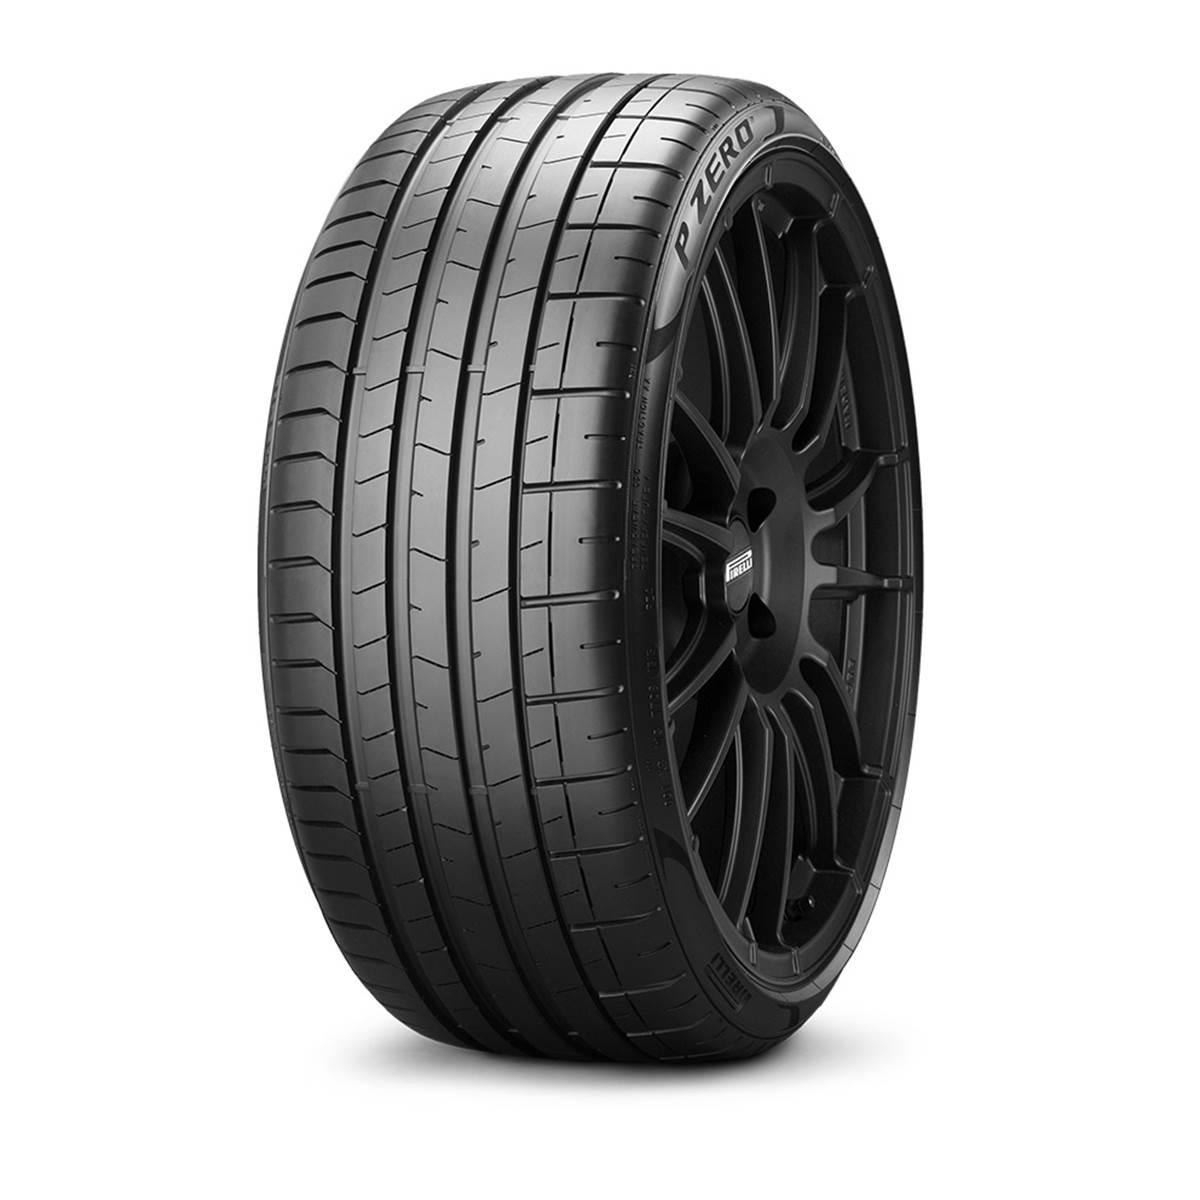 Pneu Pirelli 295/35R20 105Y Pzero XL